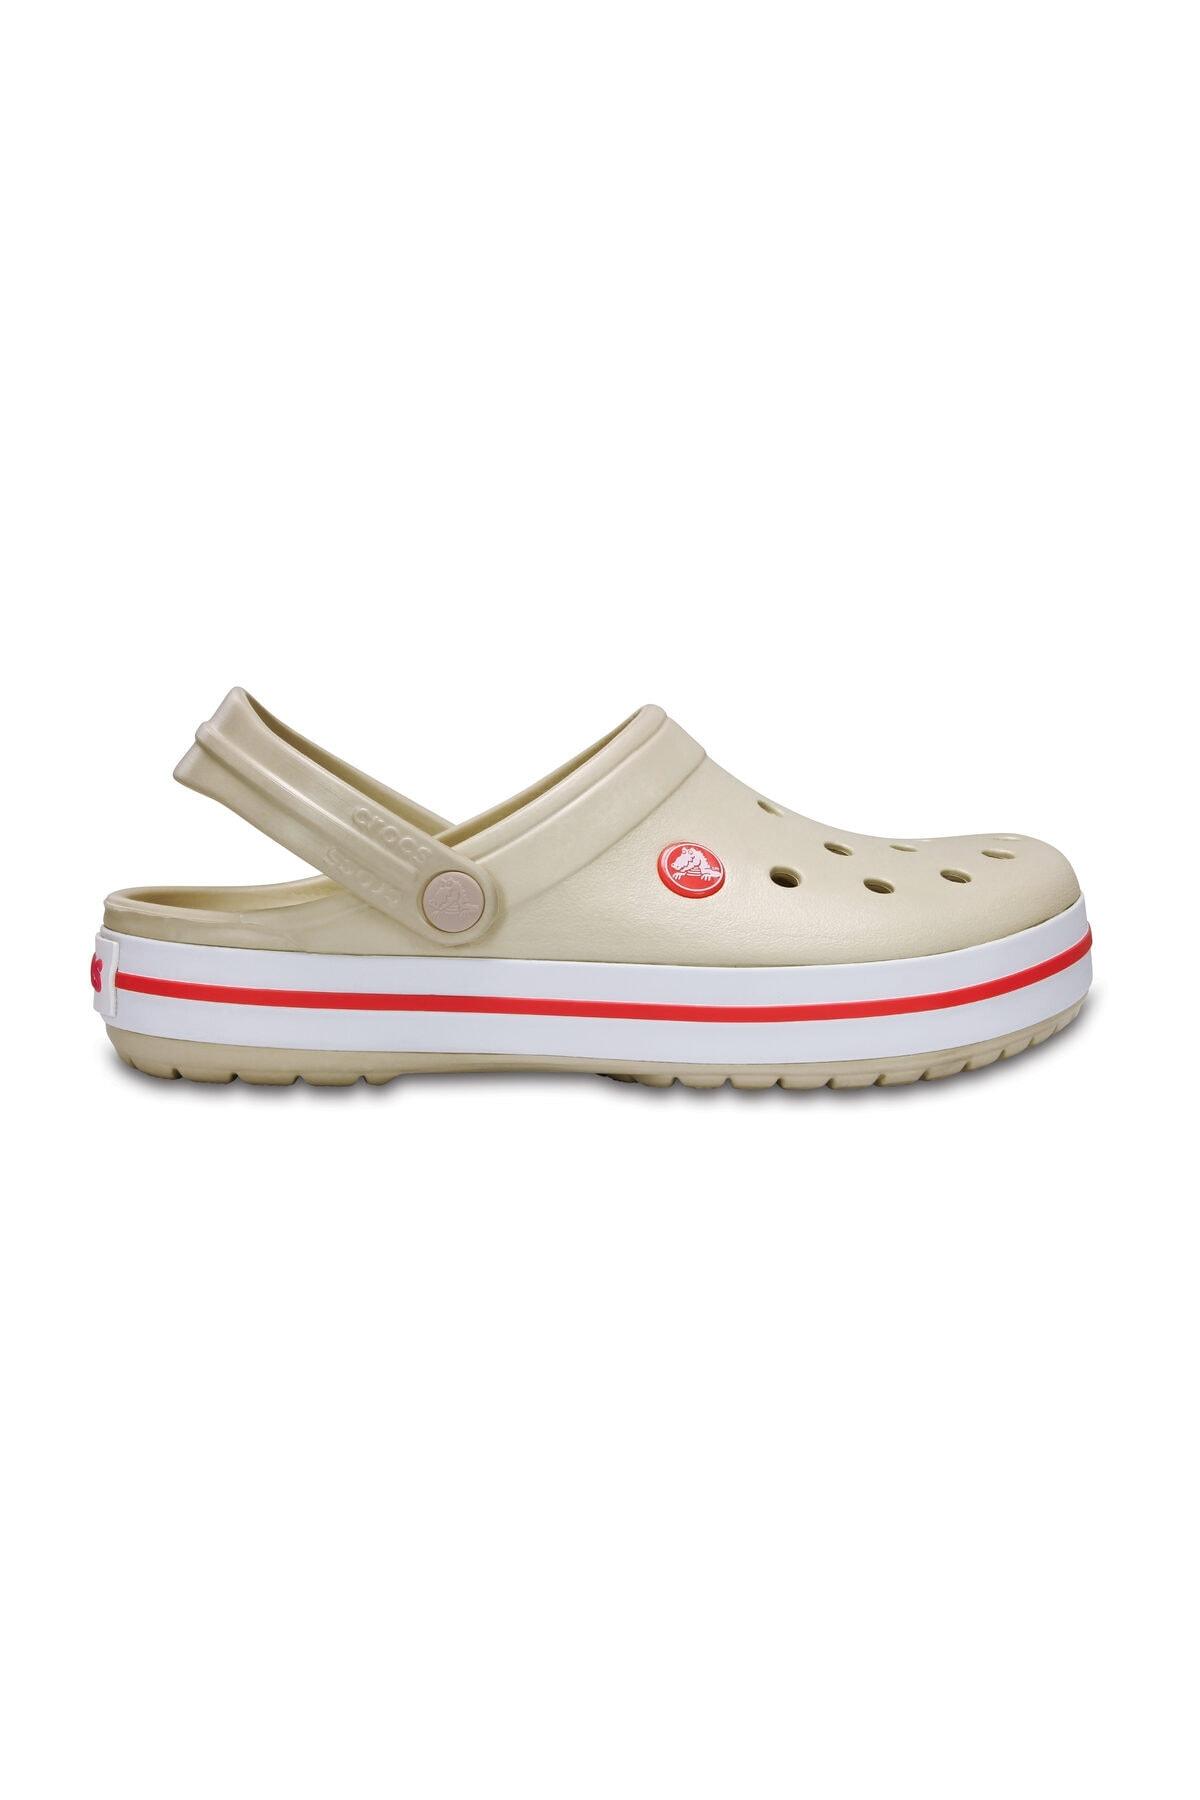 Crocs Bej Unisex Crocband Kenarı Kırmızı Beyaz Çizgili Terlik 1